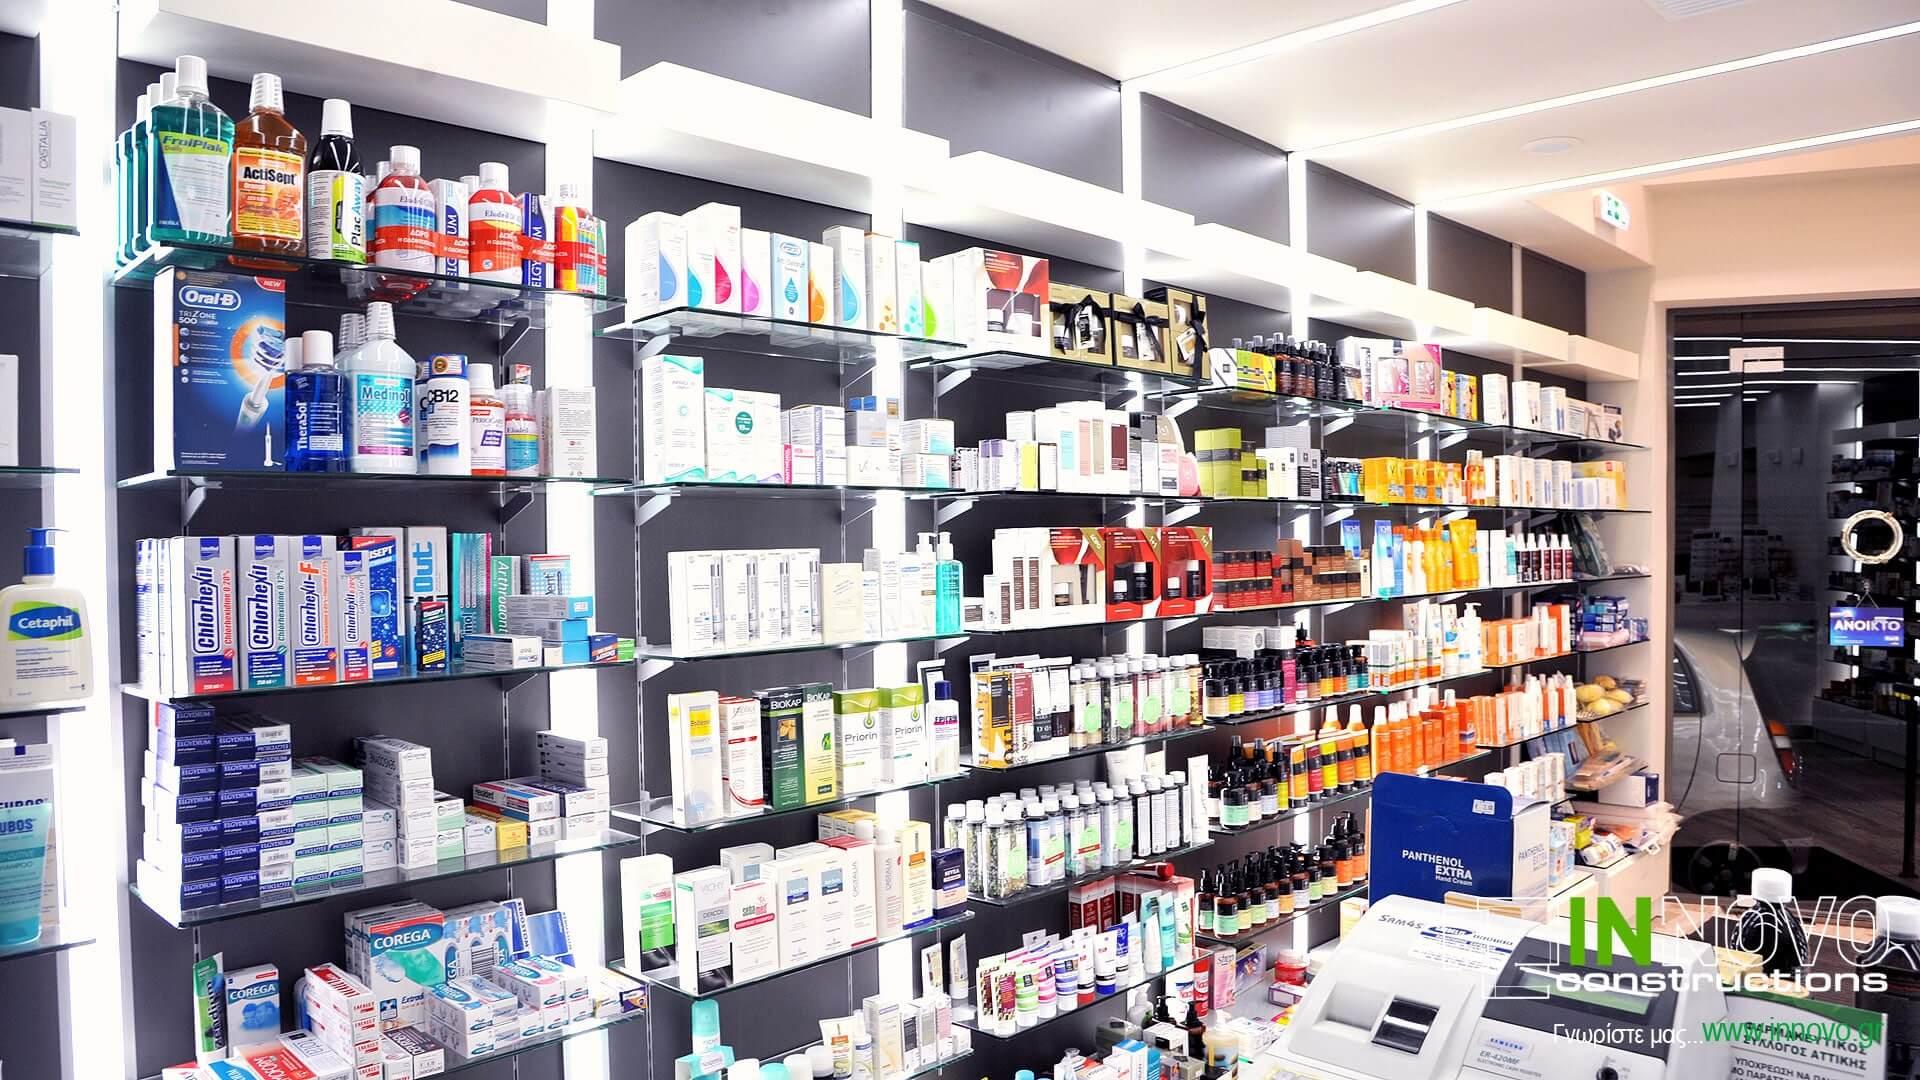 Σχεδιασμός ανακαίνιση φαρμακείου πλατεία Μαβίλης